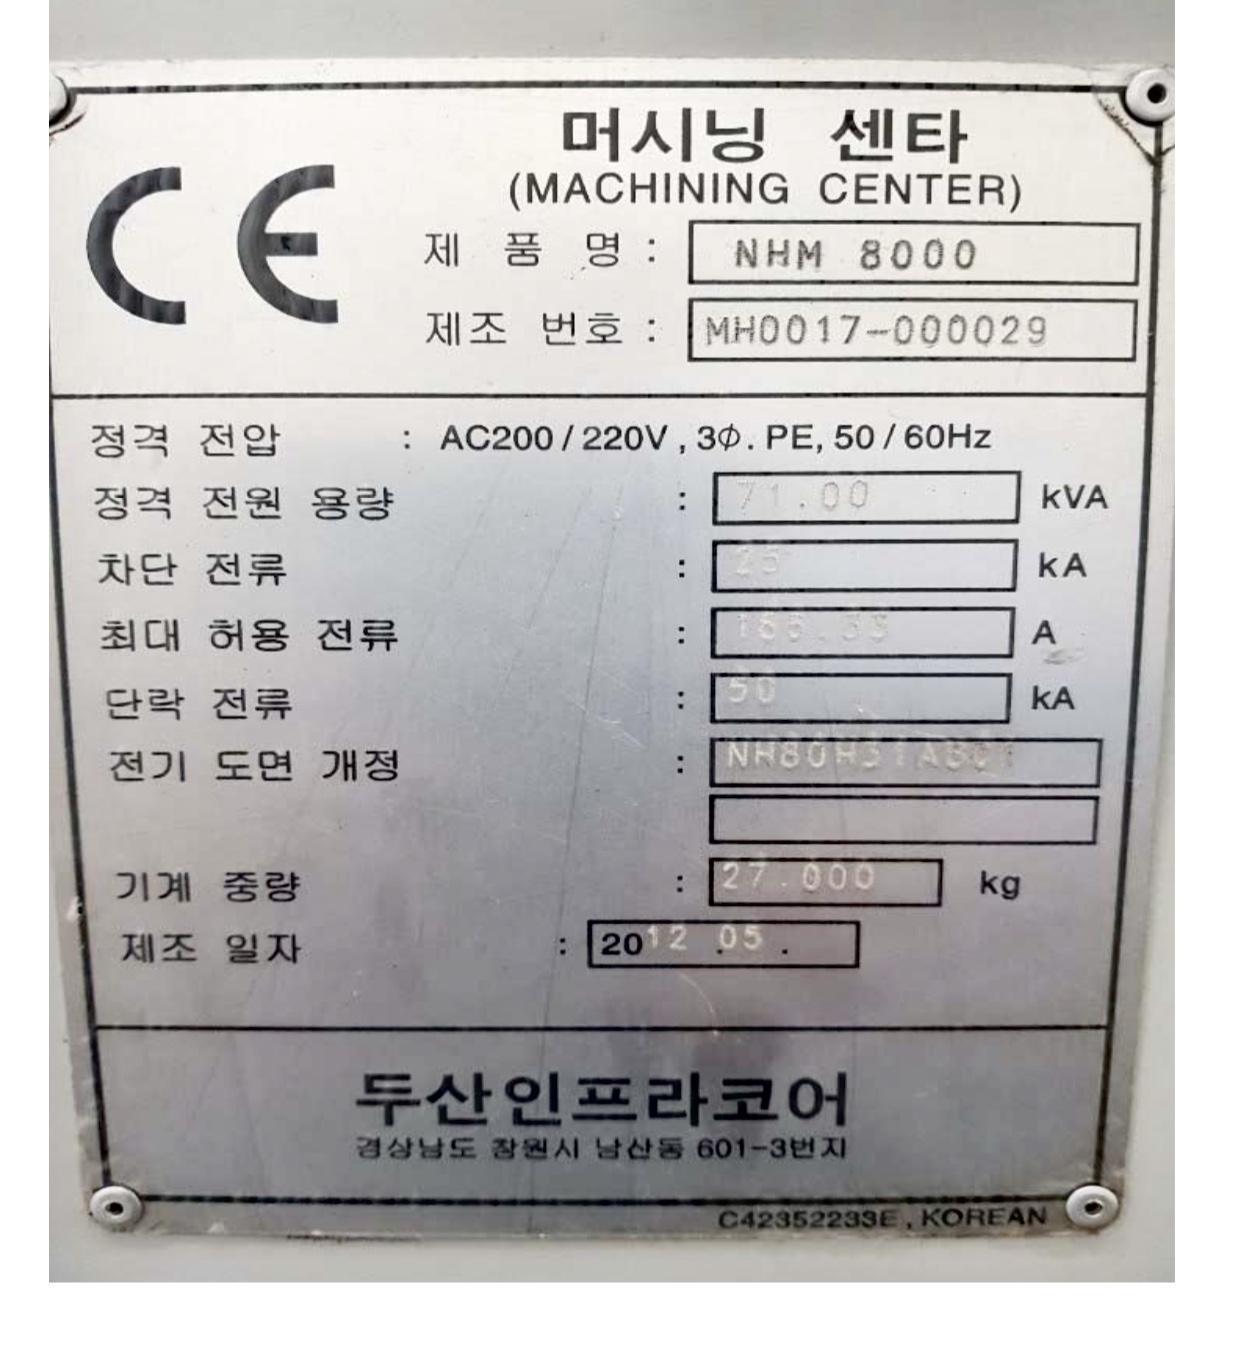 Doosan HM 8000 90ACT 2012